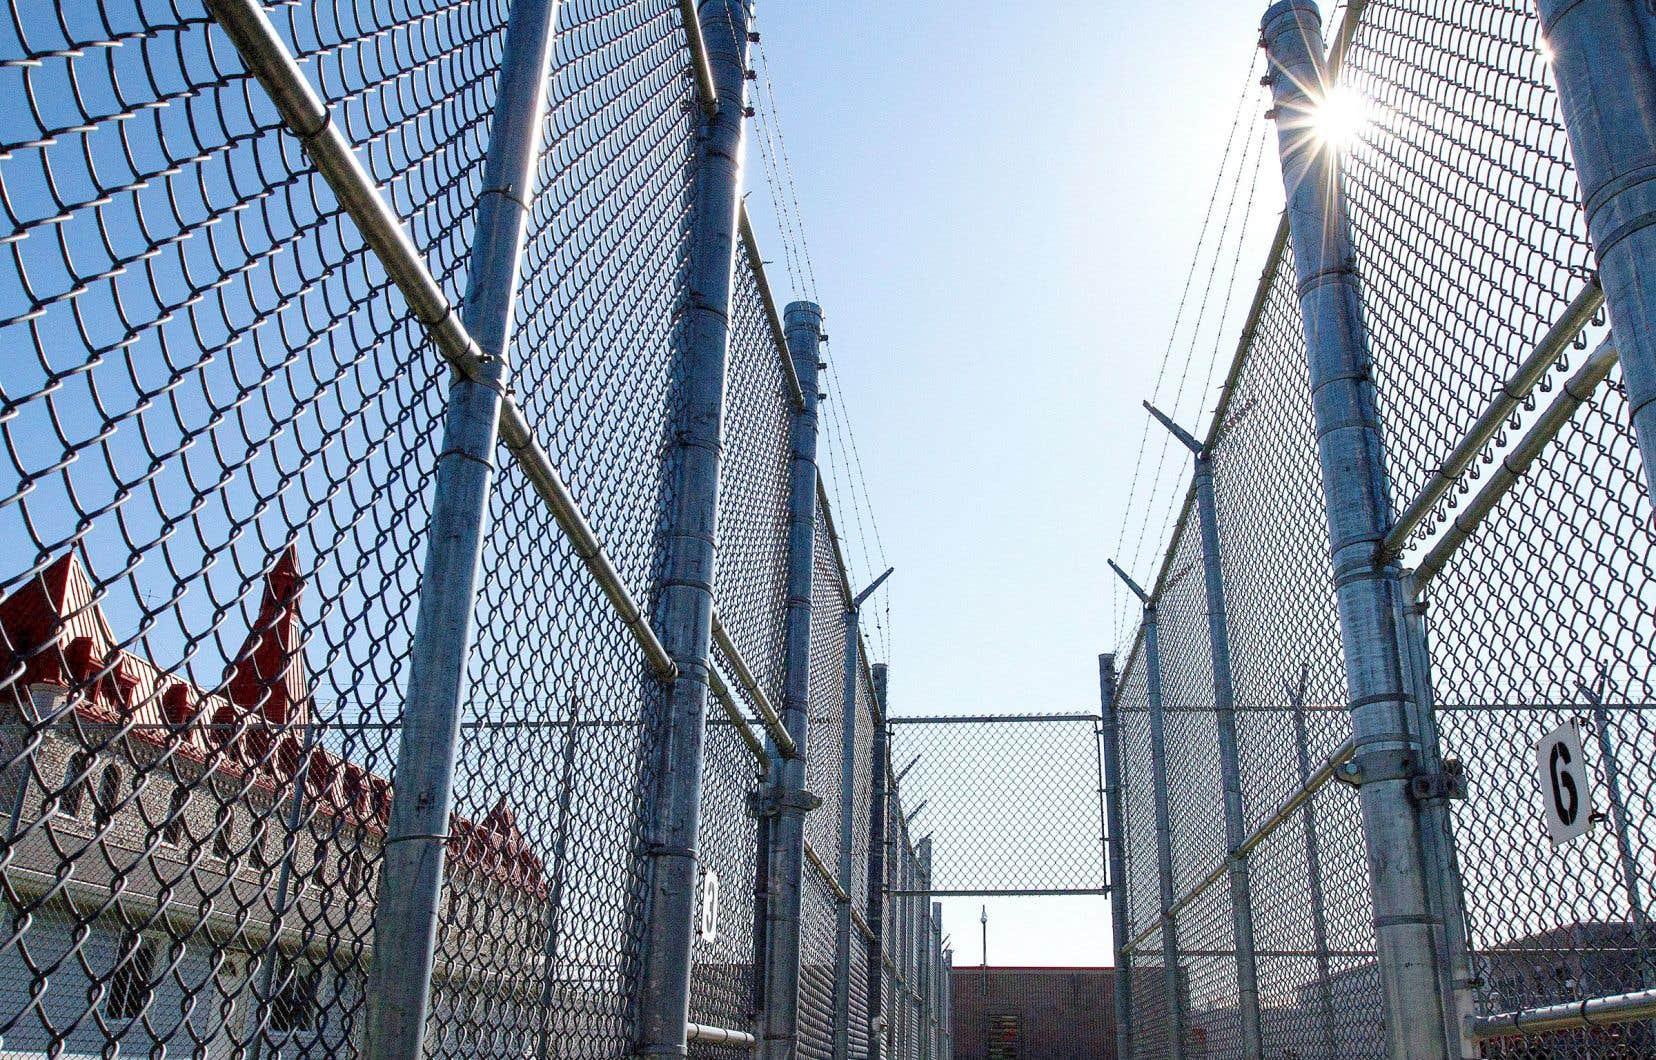 Entre le 1ermars et le 28juin 2020, 2381 délinquants sont sortis d'un pénitencier canadien. L'approche du gouvernement Trudeau privilégie la réinsertion sociale plutôt que la protection de la société, cette dernière étant pourtant le critère prépondérant de la Loi, remarque l'auteur du texte.